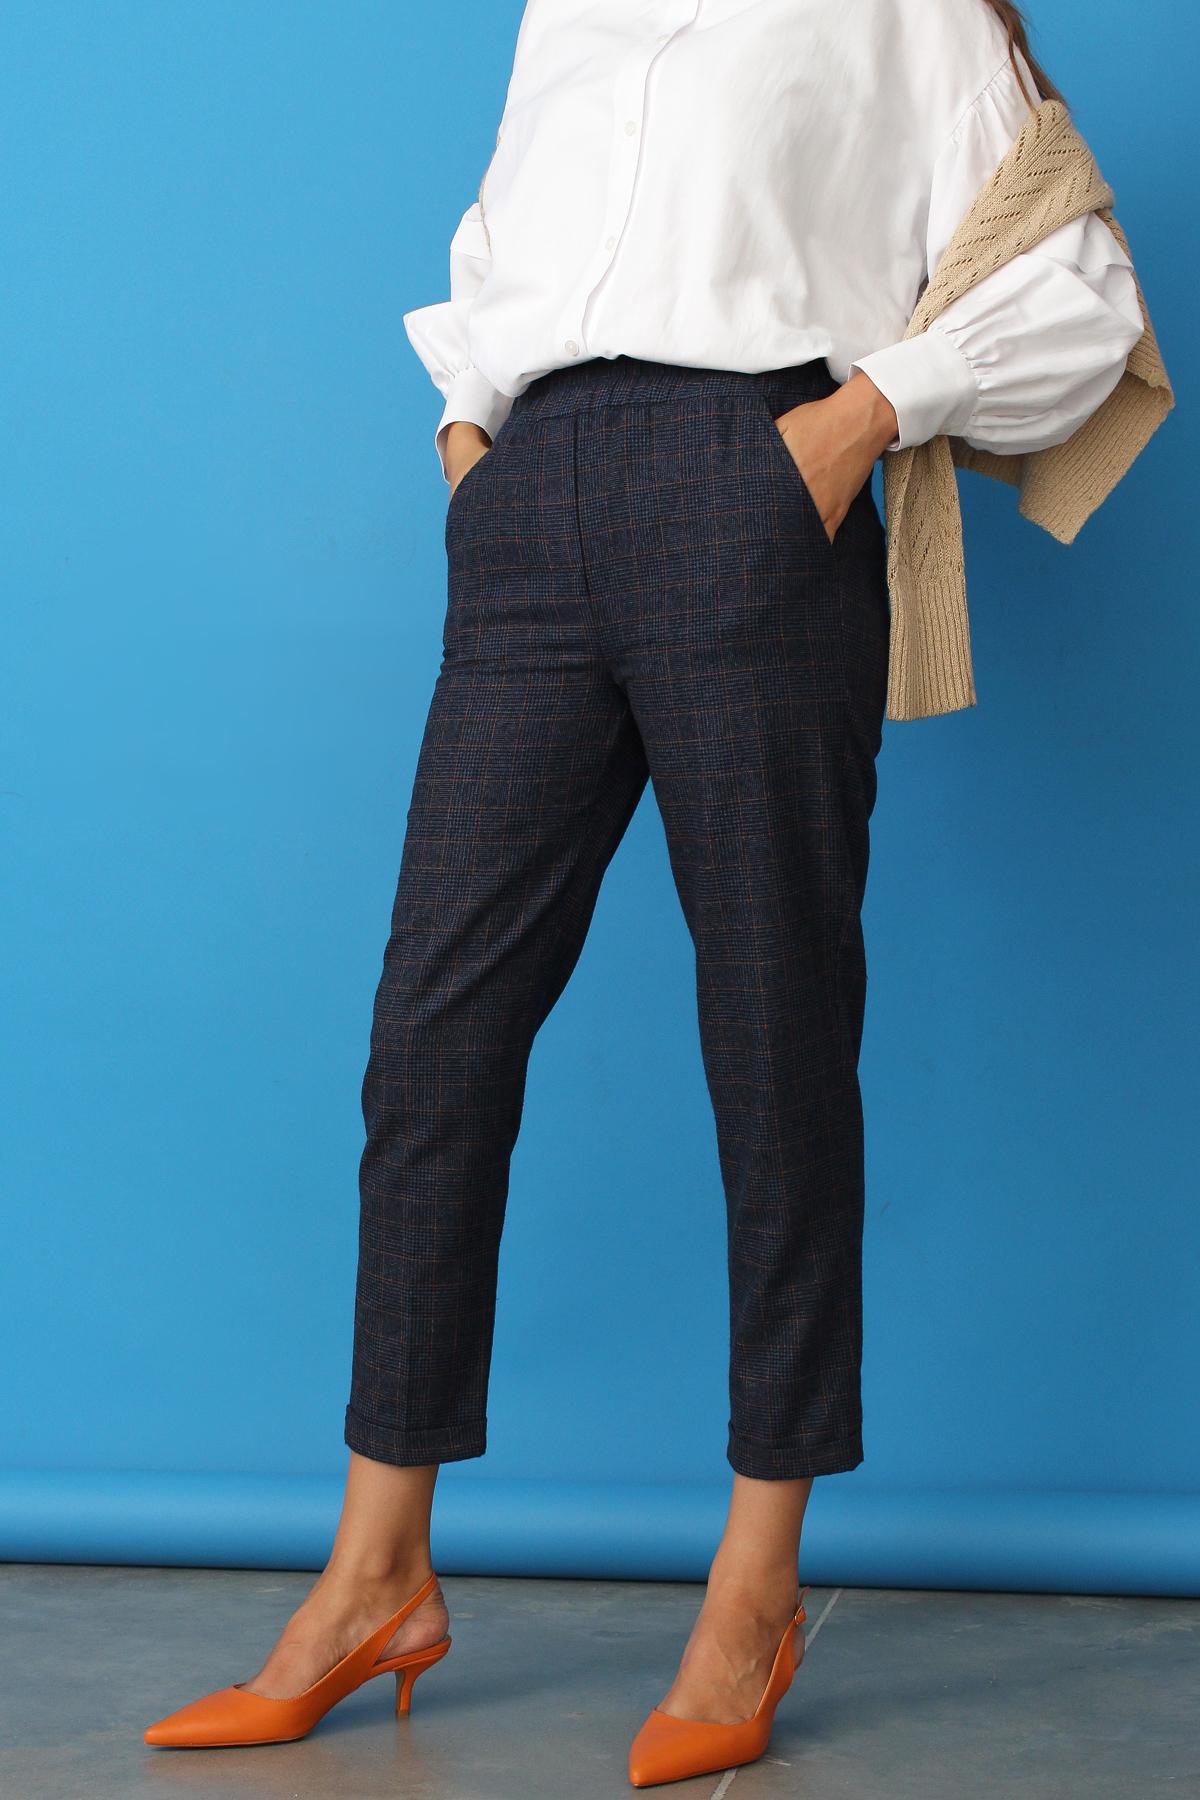 High Waist Pocket Hijab Pants